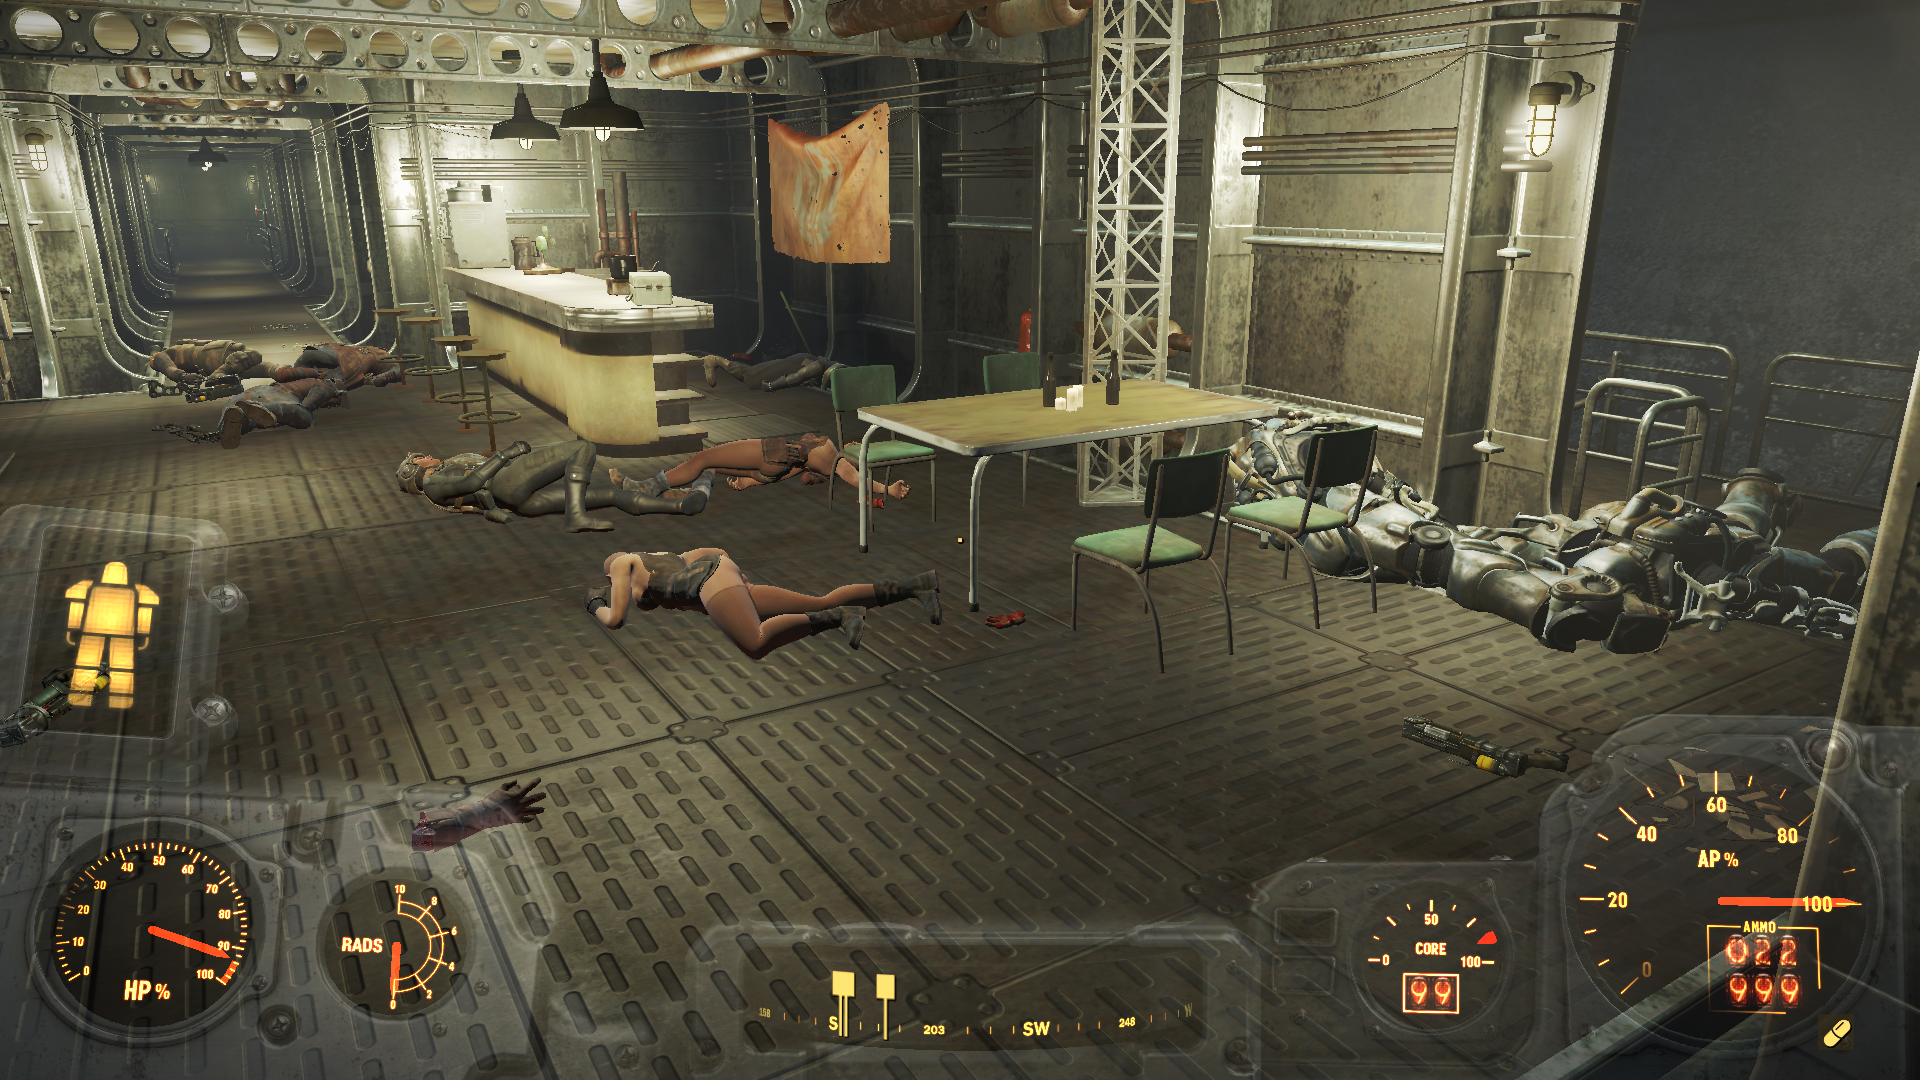 Неудачно чихнул - Fallout 4 Придвен, братство стали, сюжет за подземку